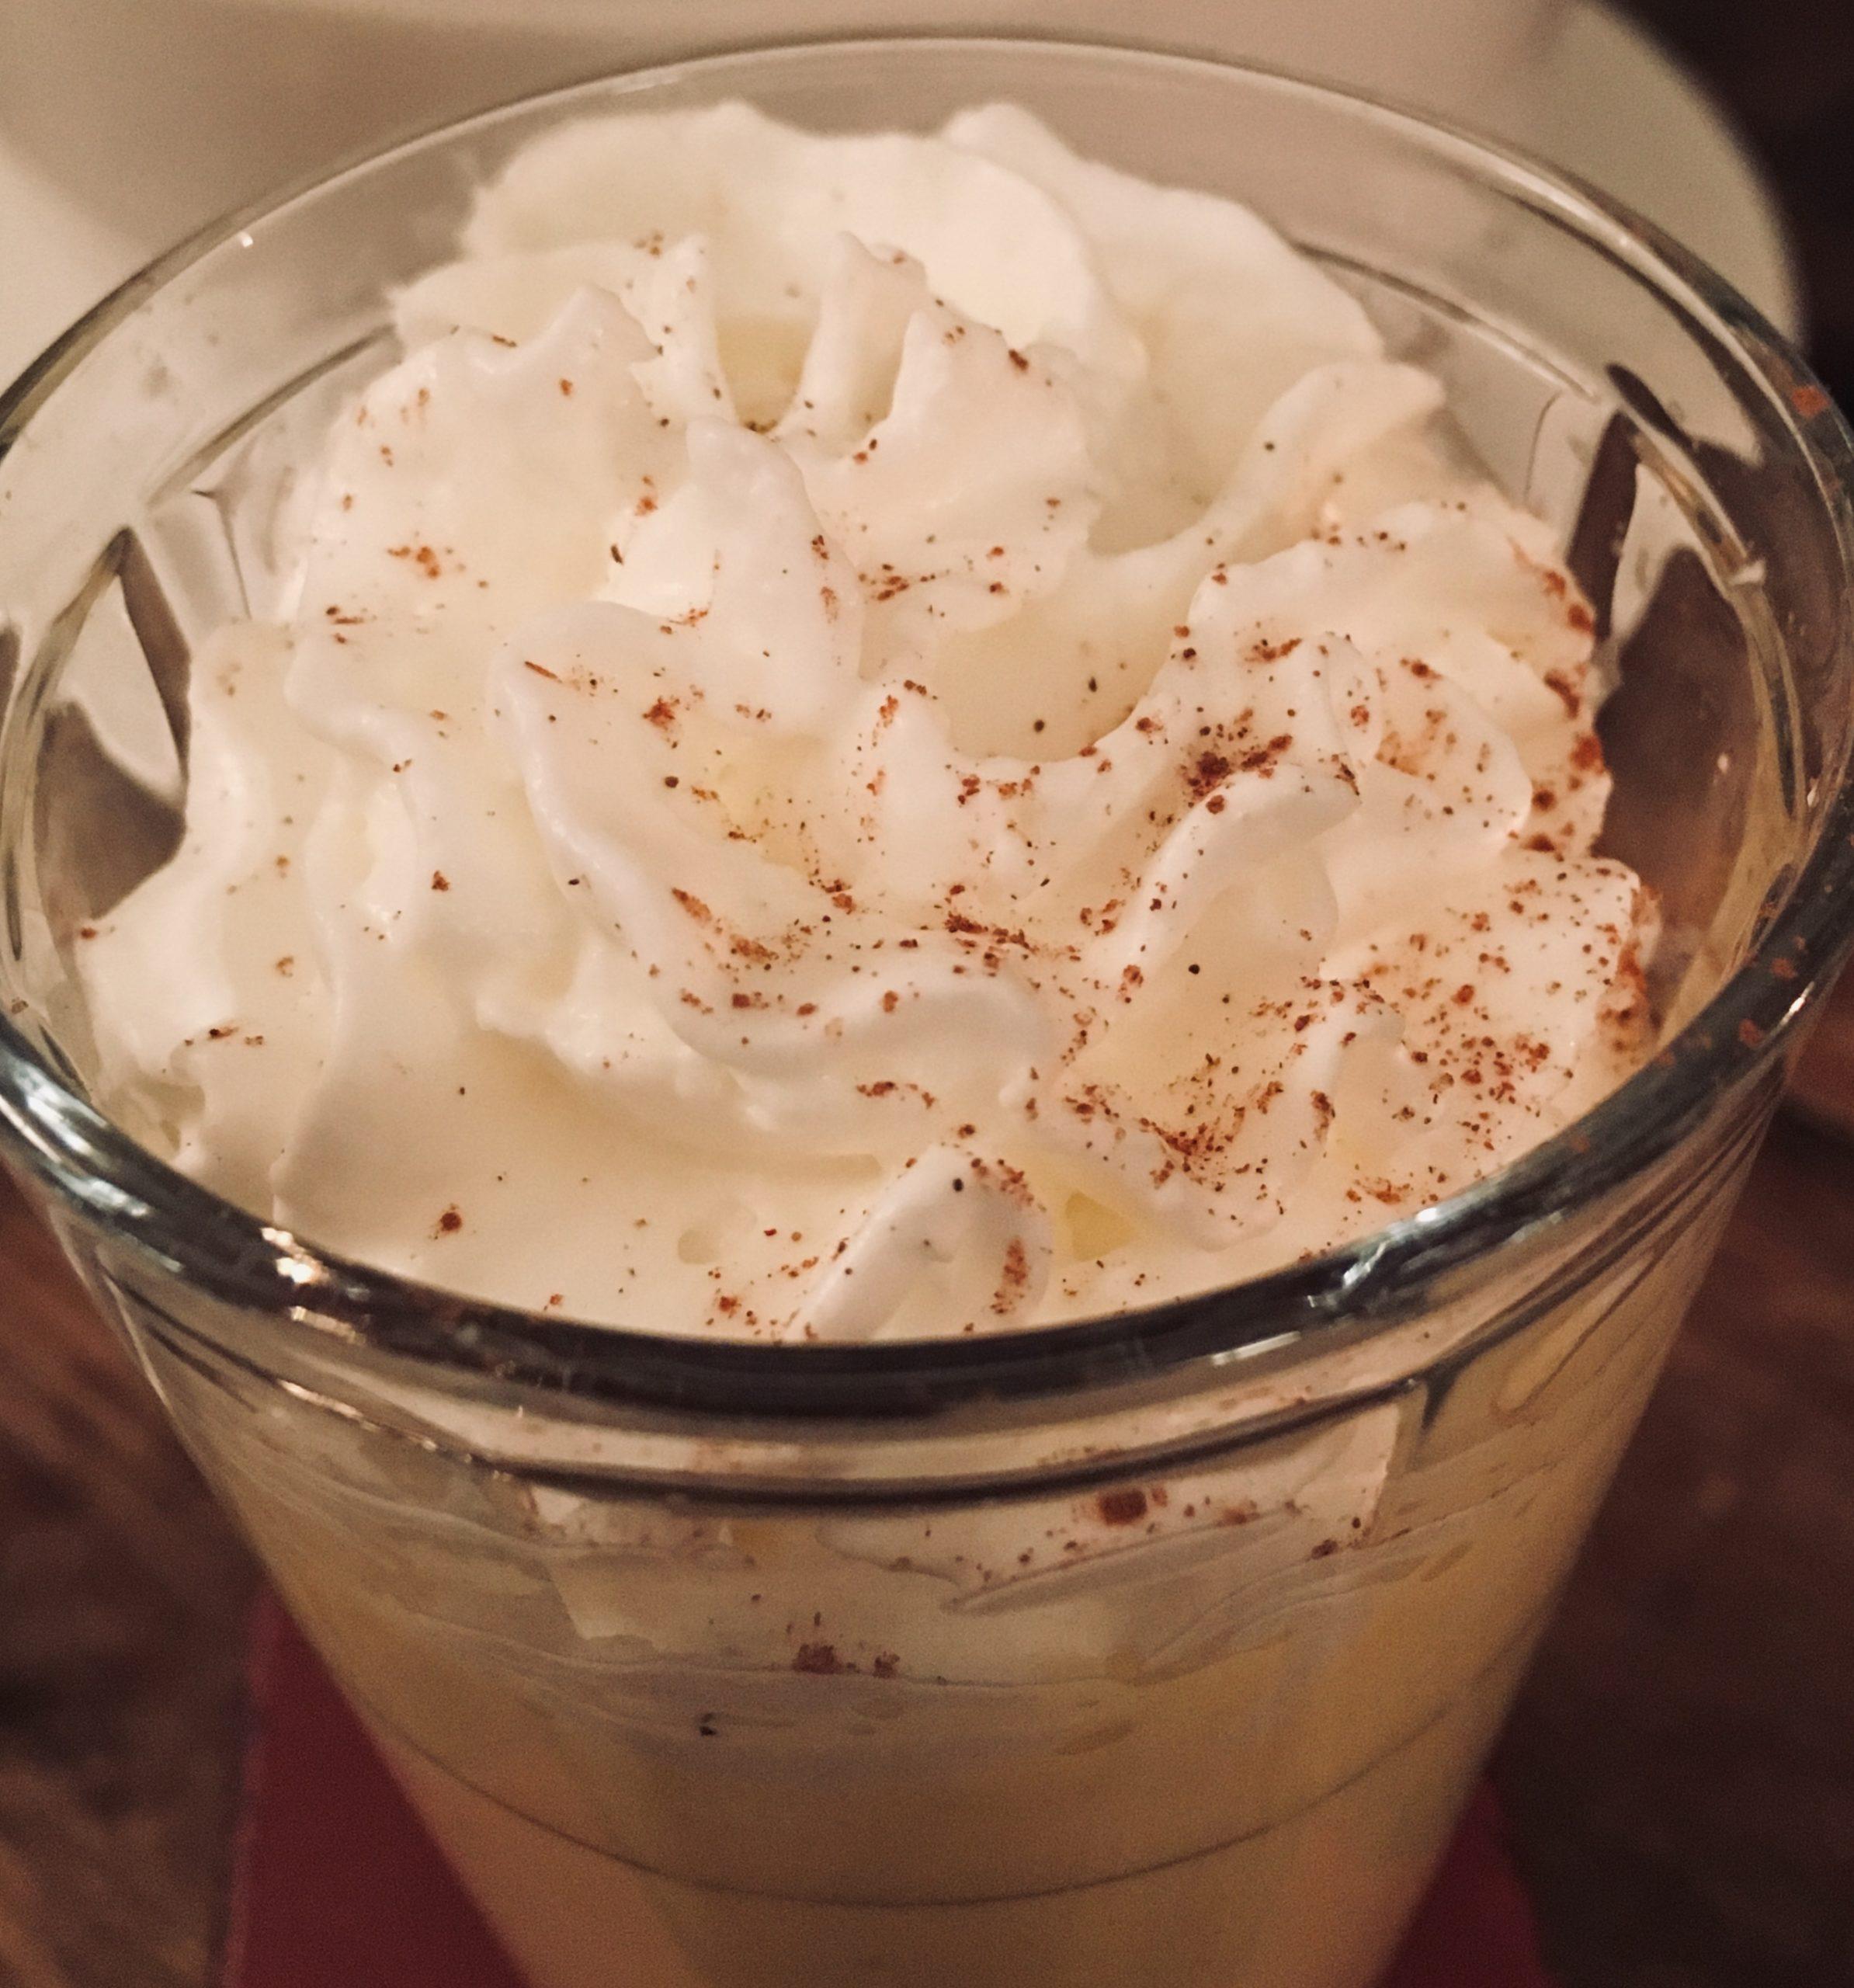 Le lait de poule, une boisson riche et festive